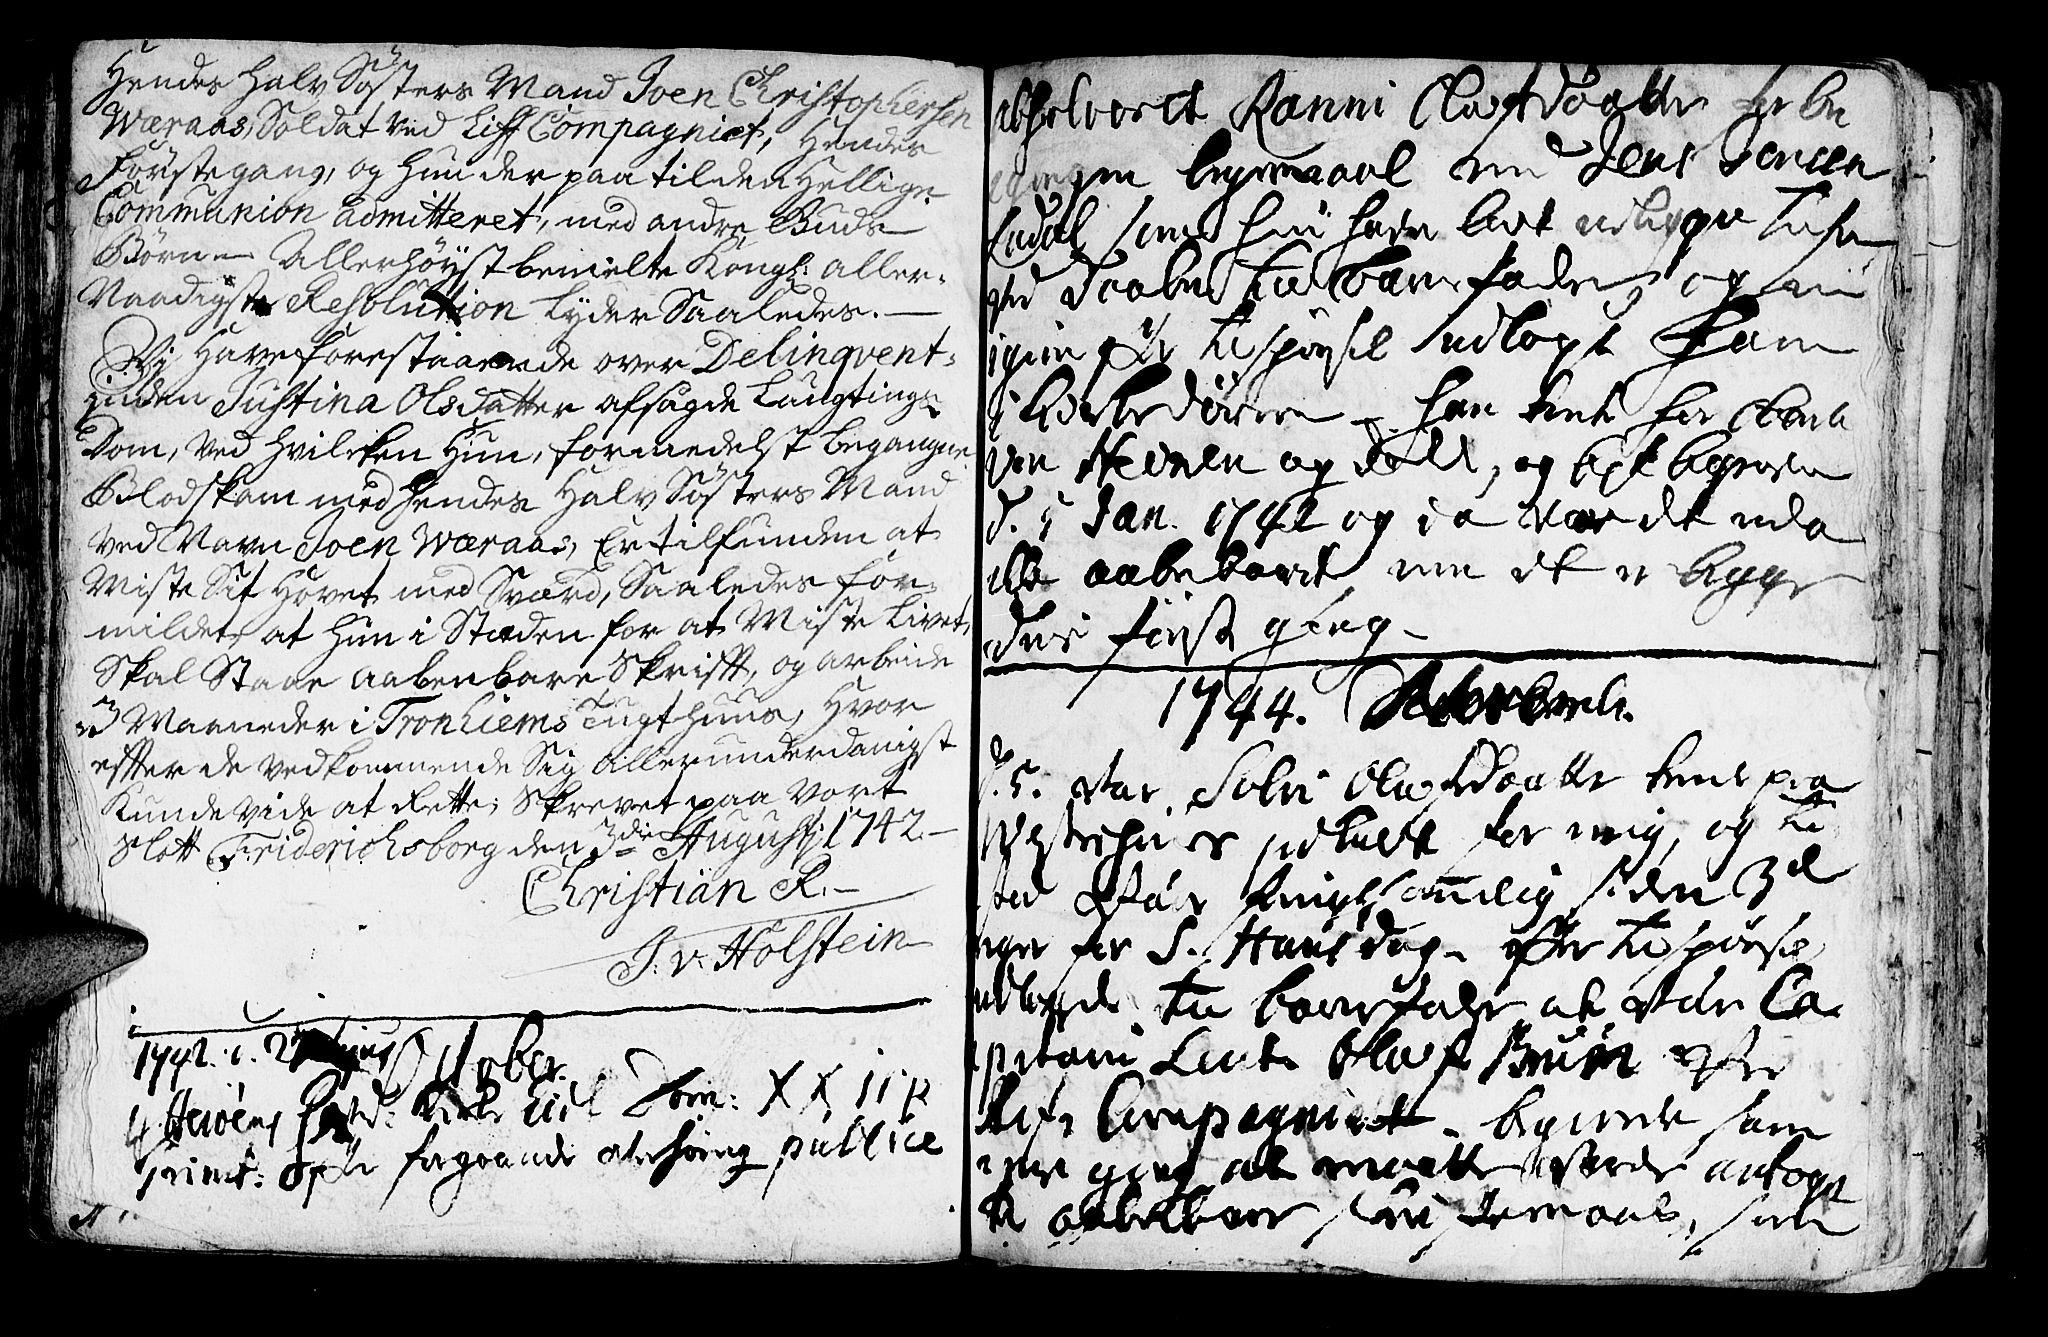 SAT, Ministerialprotokoller, klokkerbøker og fødselsregistre - Nord-Trøndelag, 722/L0215: Ministerialbok nr. 722A02, 1718-1755, s. 298b